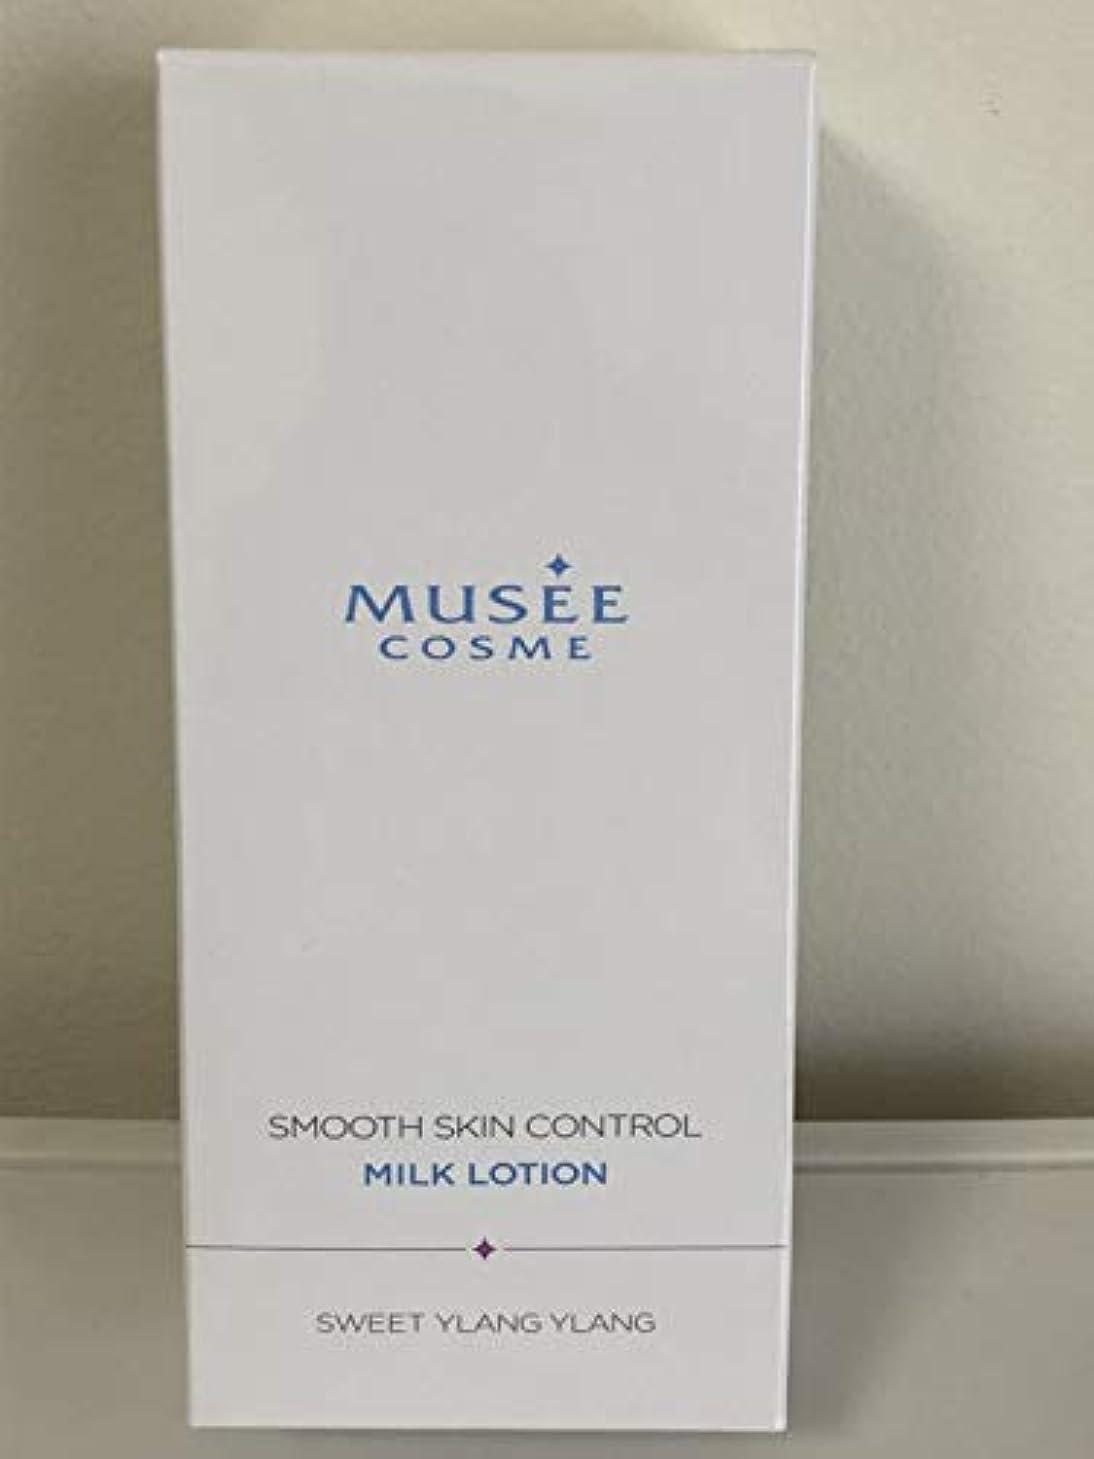 貸し手バブル軽蔑ミュゼコスメ 薬用スムーススキンコントロール ミルクローション 300mL スイートイランイランの香り